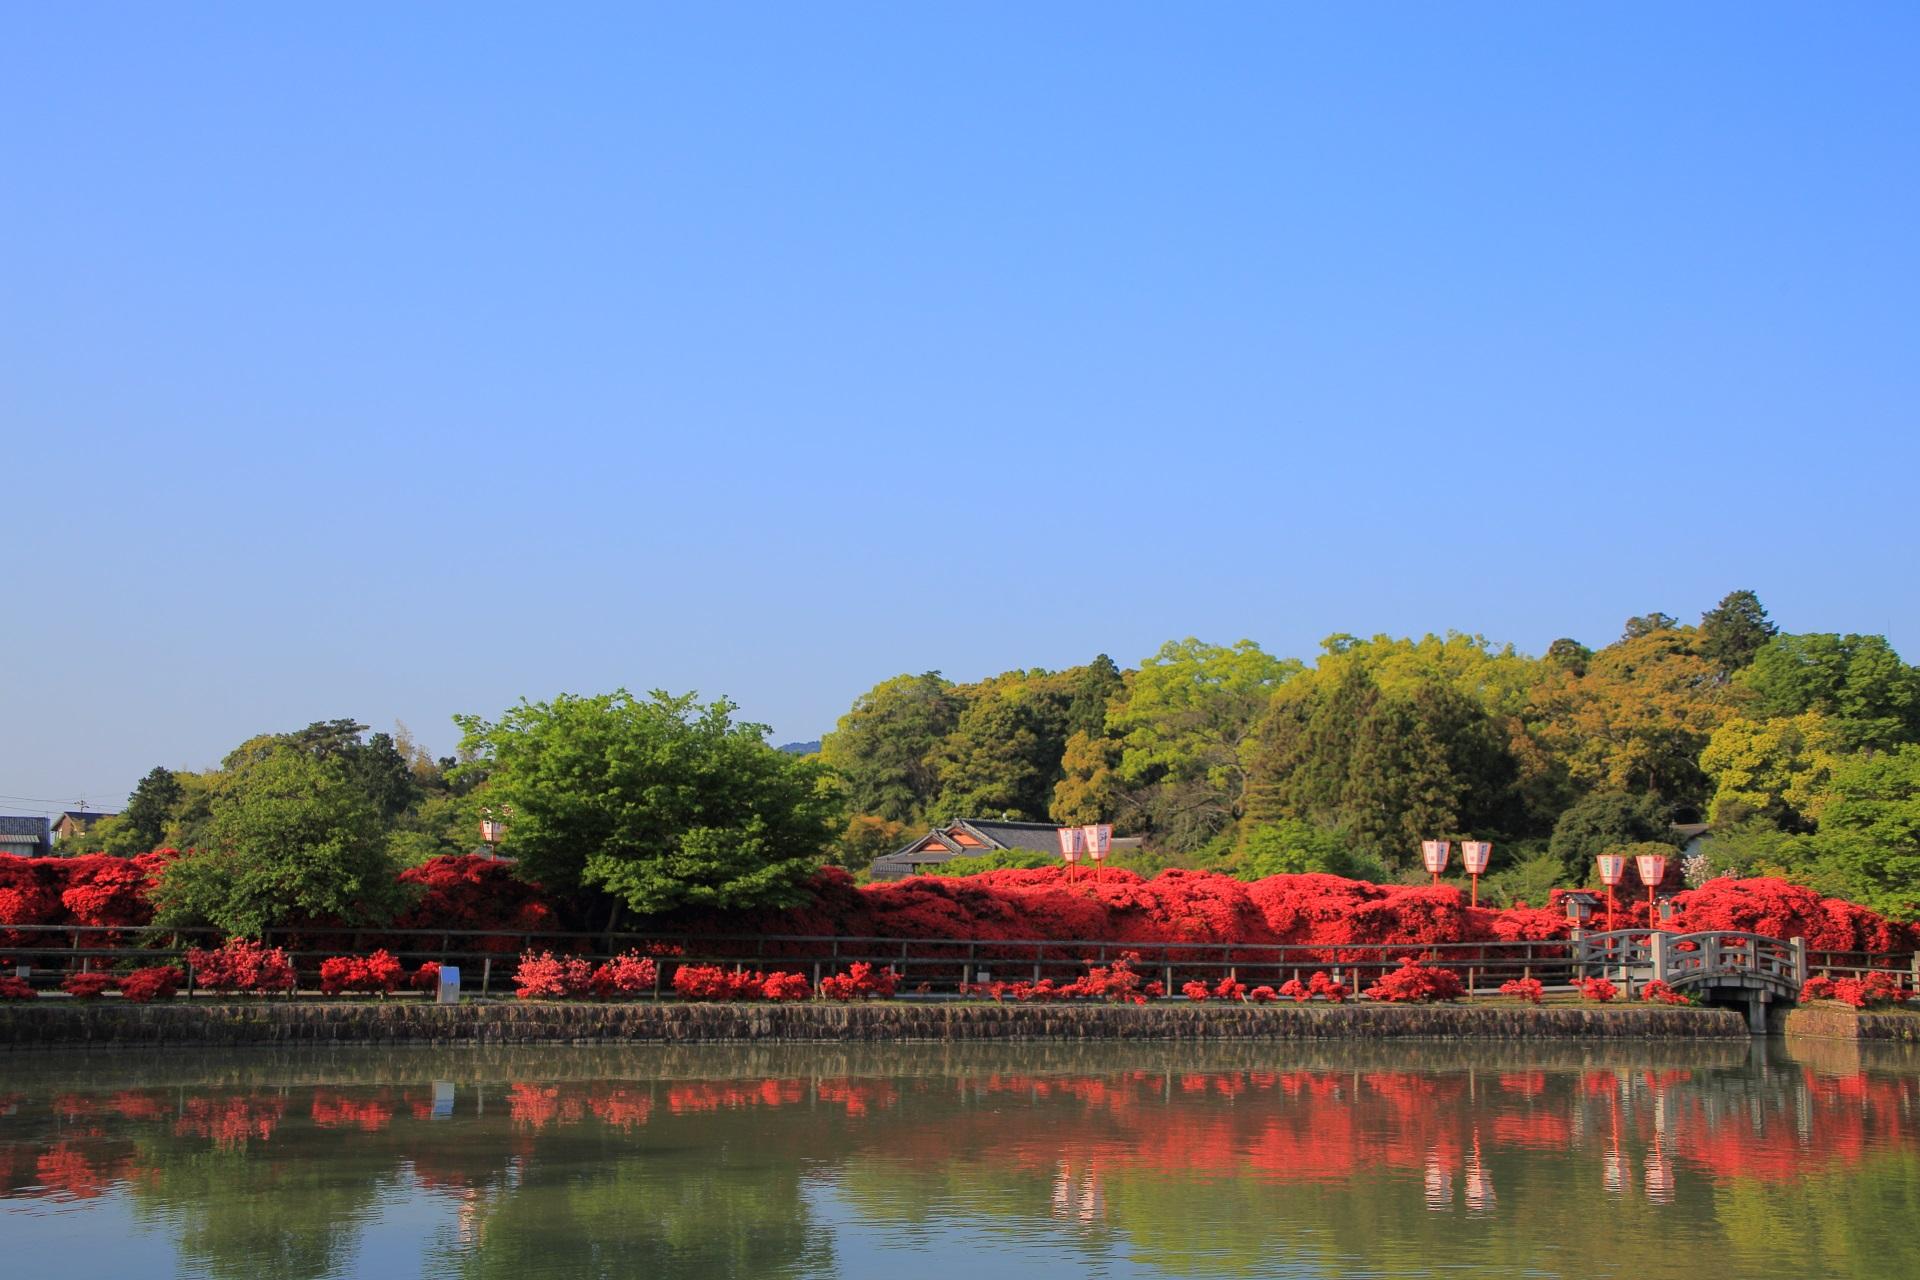 見事な青空の下で赤い橋となる八条が池の水上橋